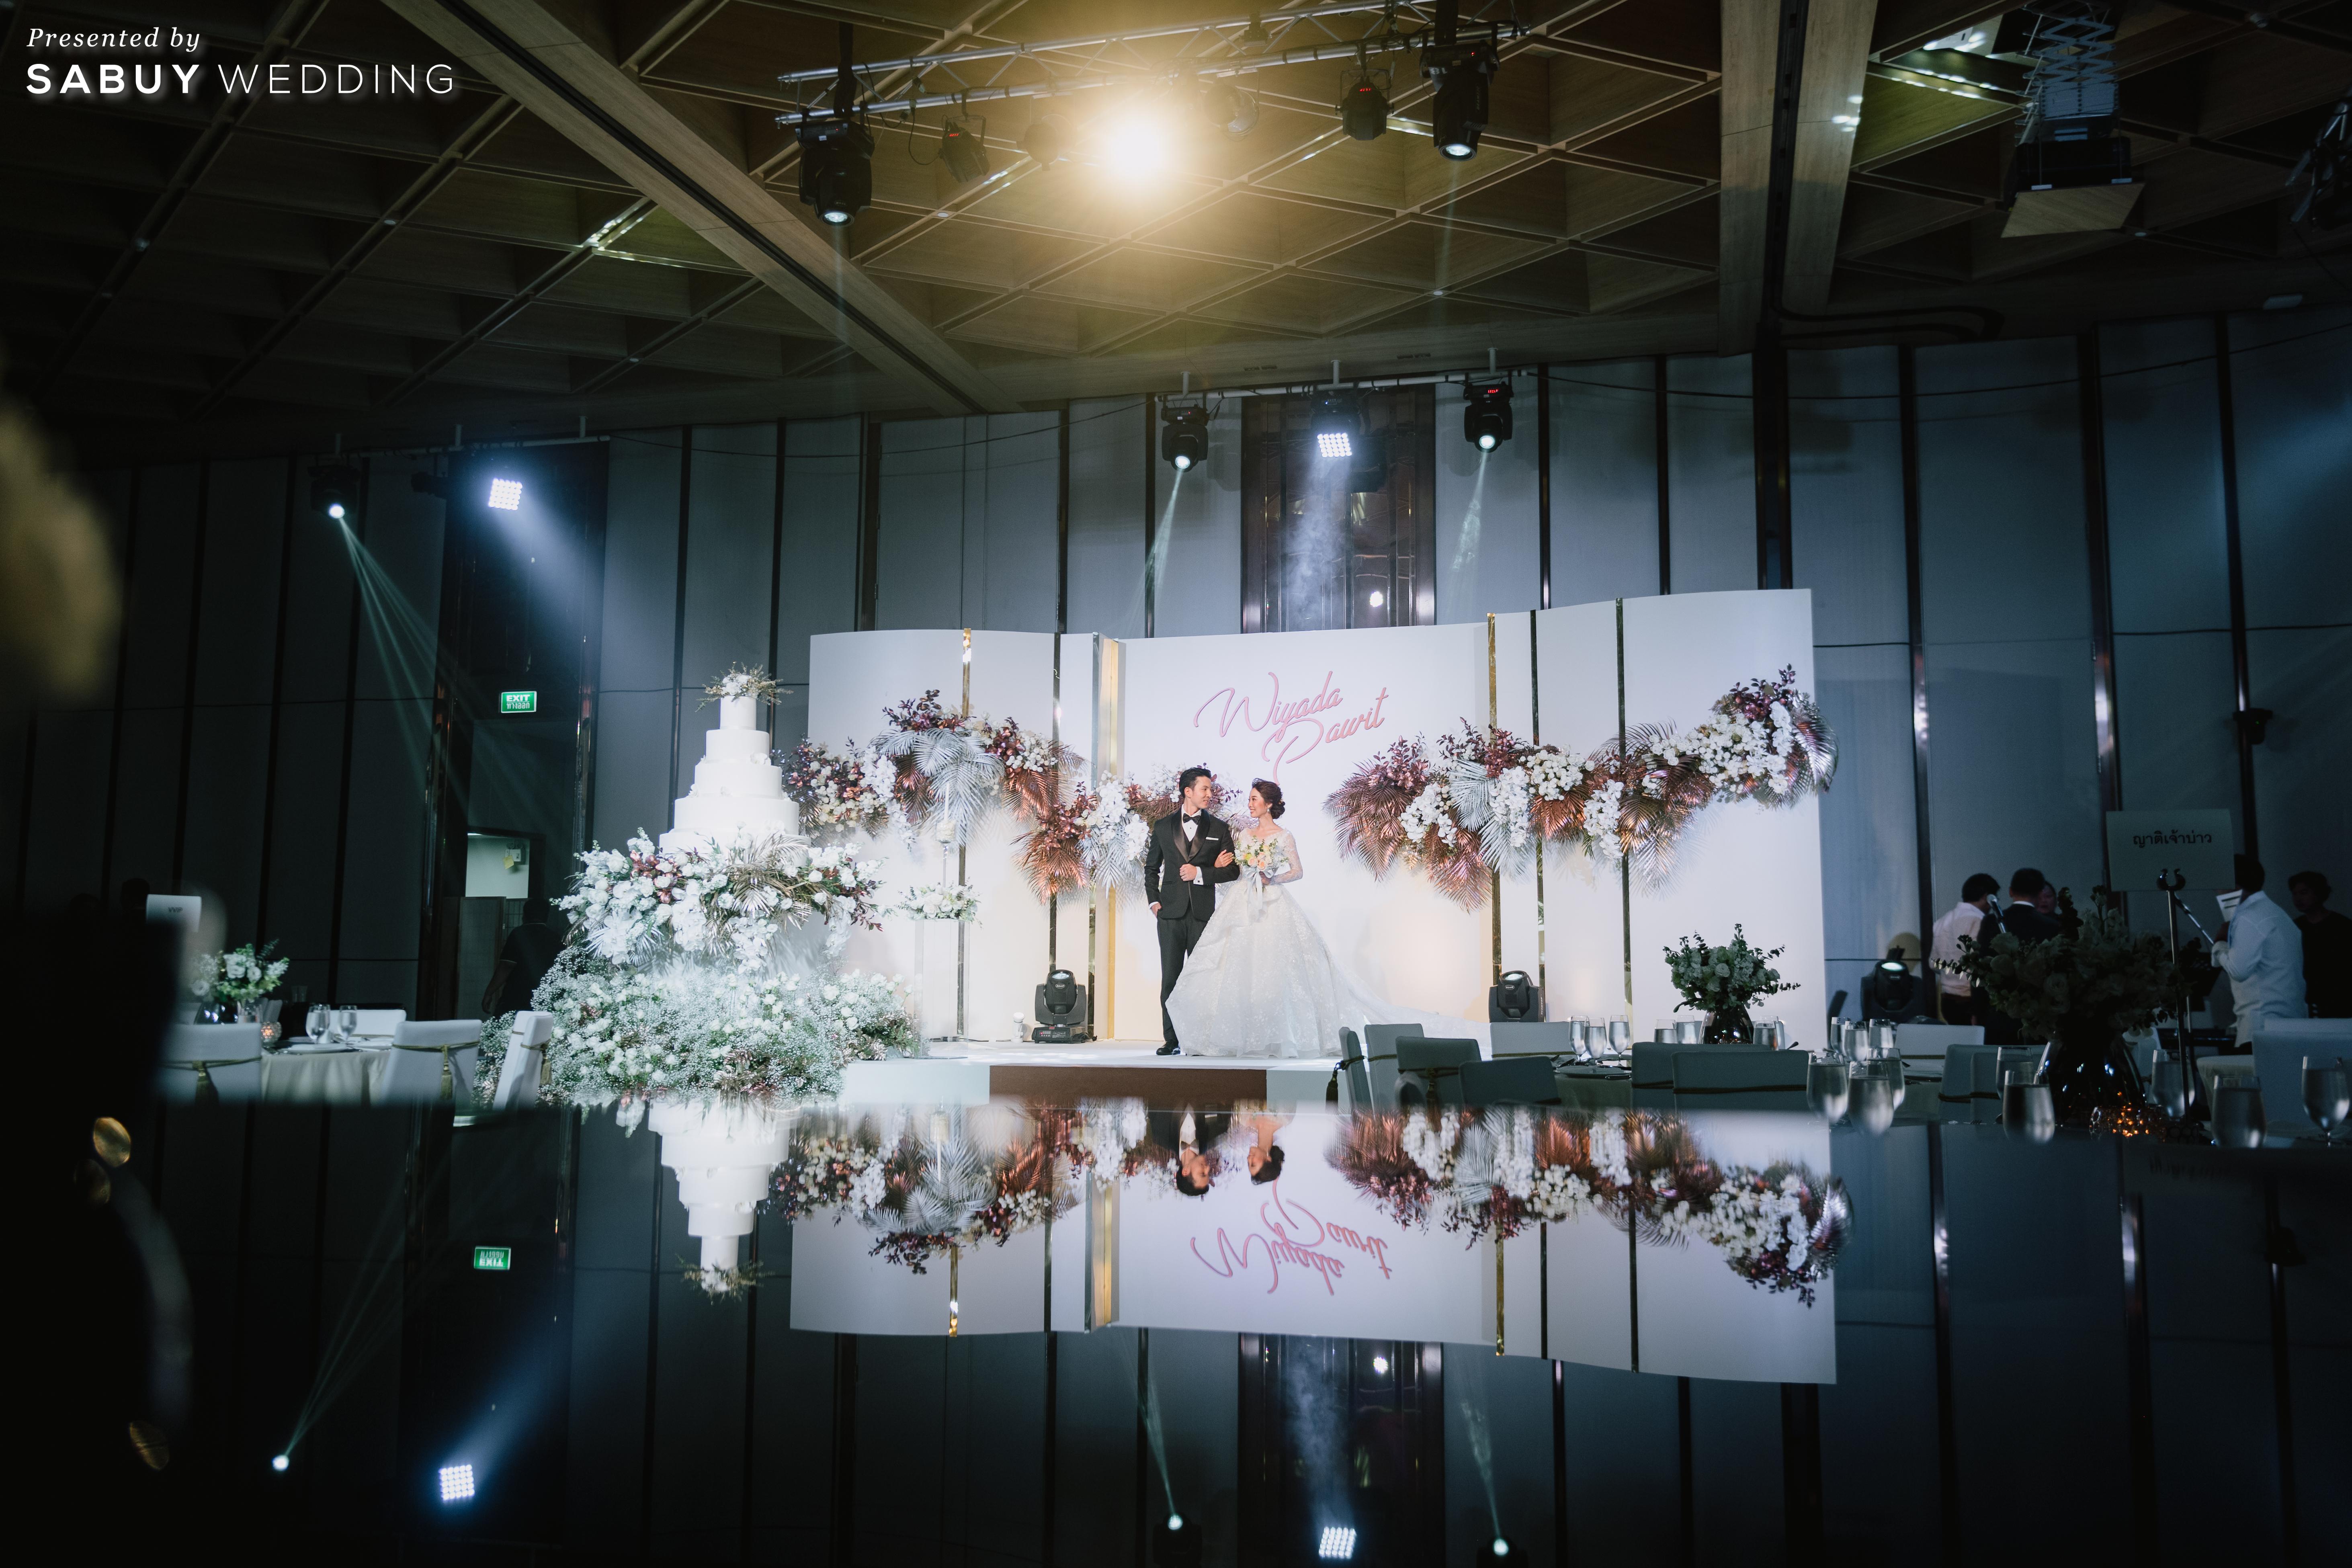 สถานที่แต่งงาน,เค้กแต่งงาน,backdrop รีวิวงานแต่งธีมสี Taupe สวยดูดีแบบ Luxury Style @ Hyatt Regency Bangkok Sukhumvit